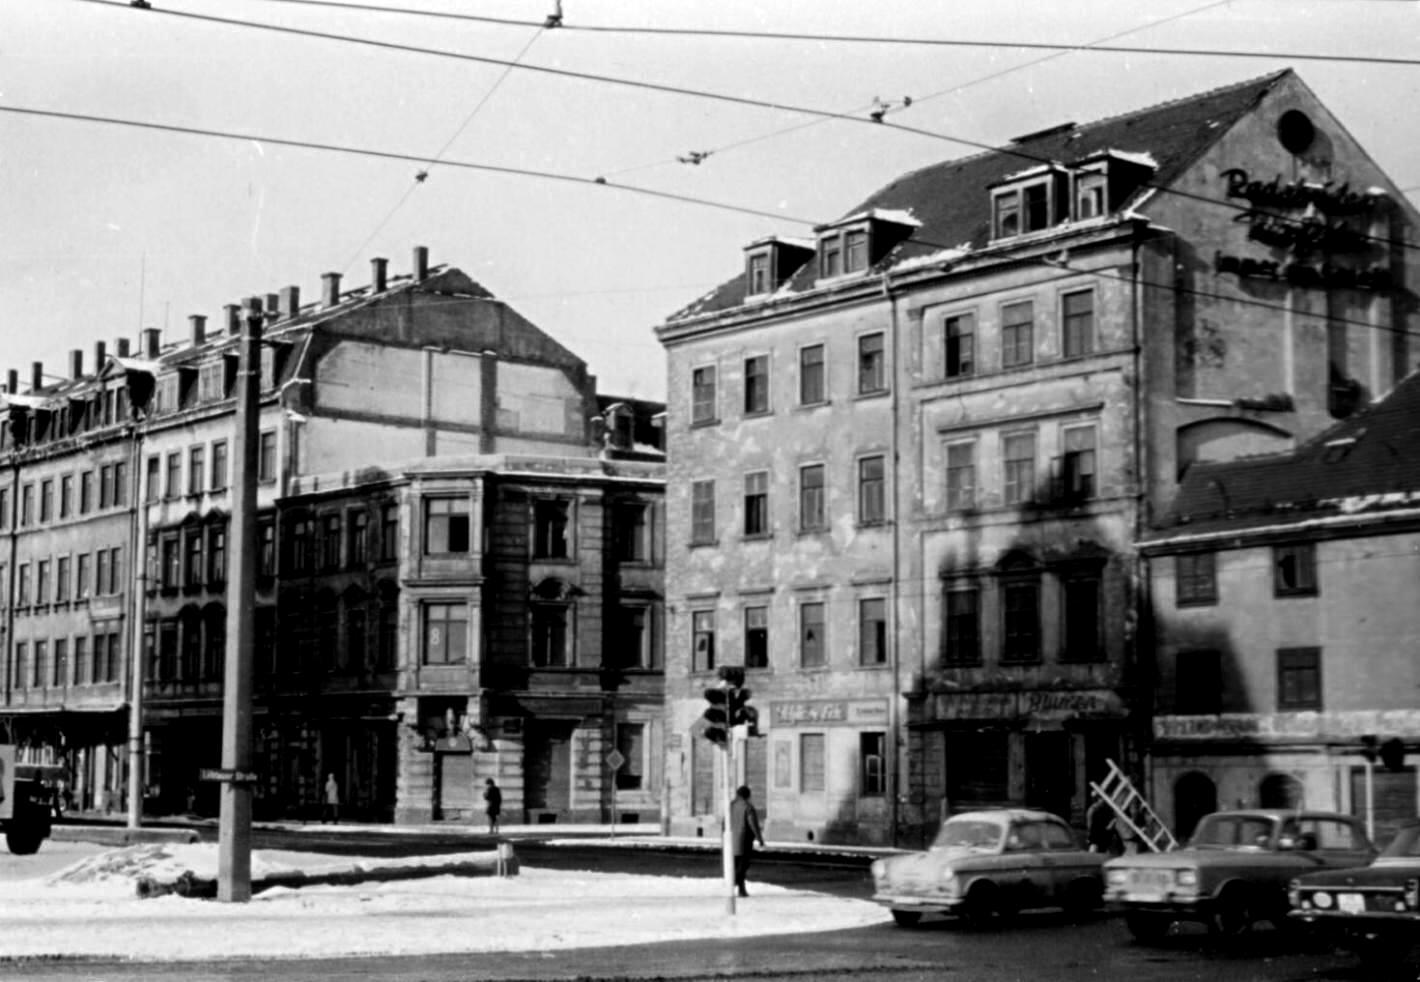 Dresden_1985_Sch%C3%A4fer-Wei%C3%9Feritz-001.jpg